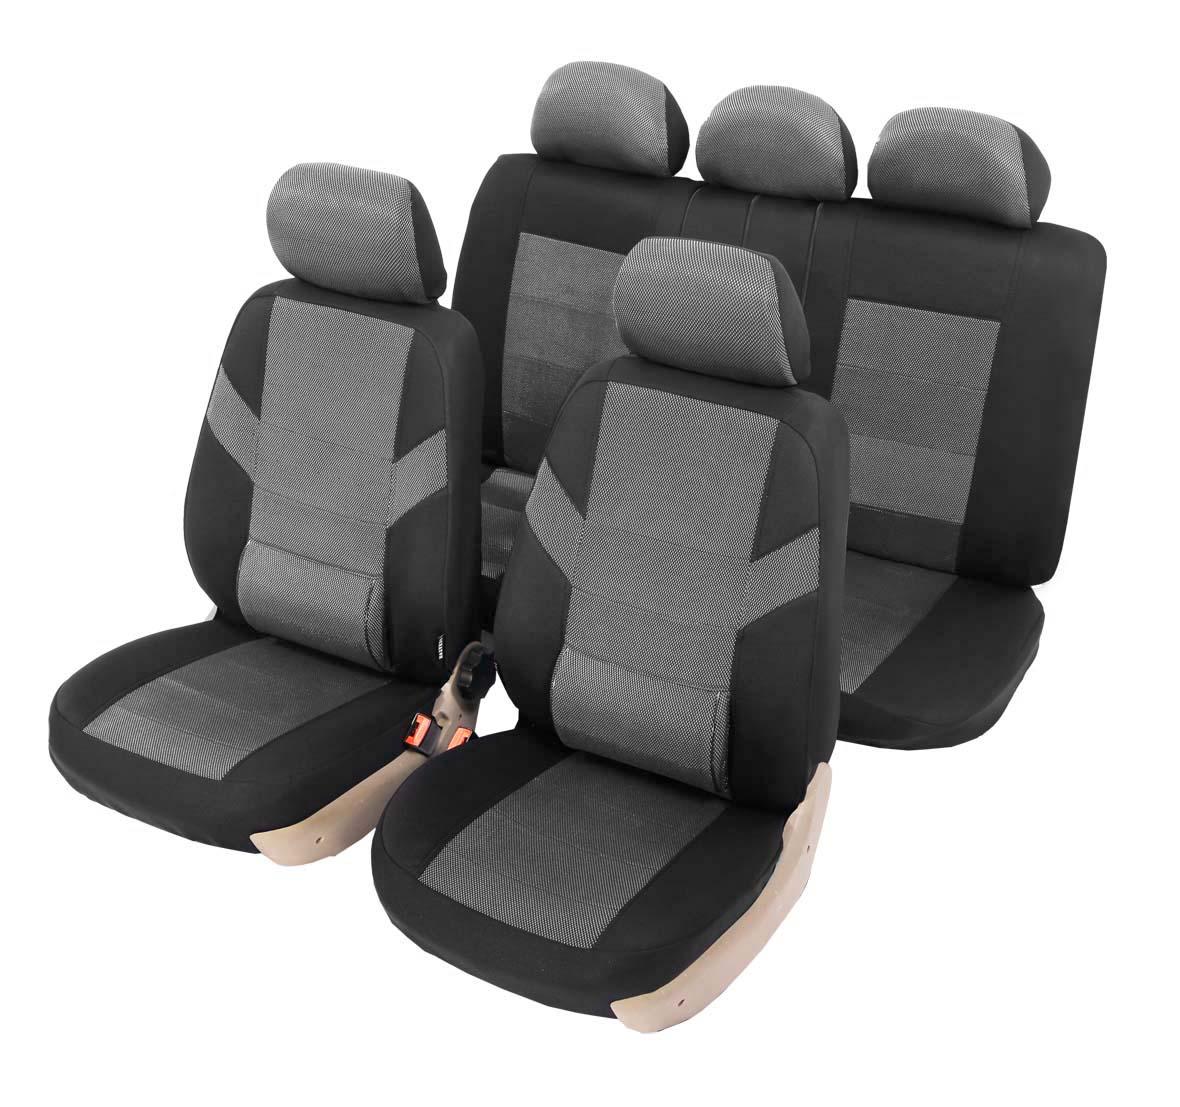 Чехлы автомобильные универсальные Senator Colorado, с ортопедической поддержкой, цвет: серый, черный, 11 предметов. Размер M